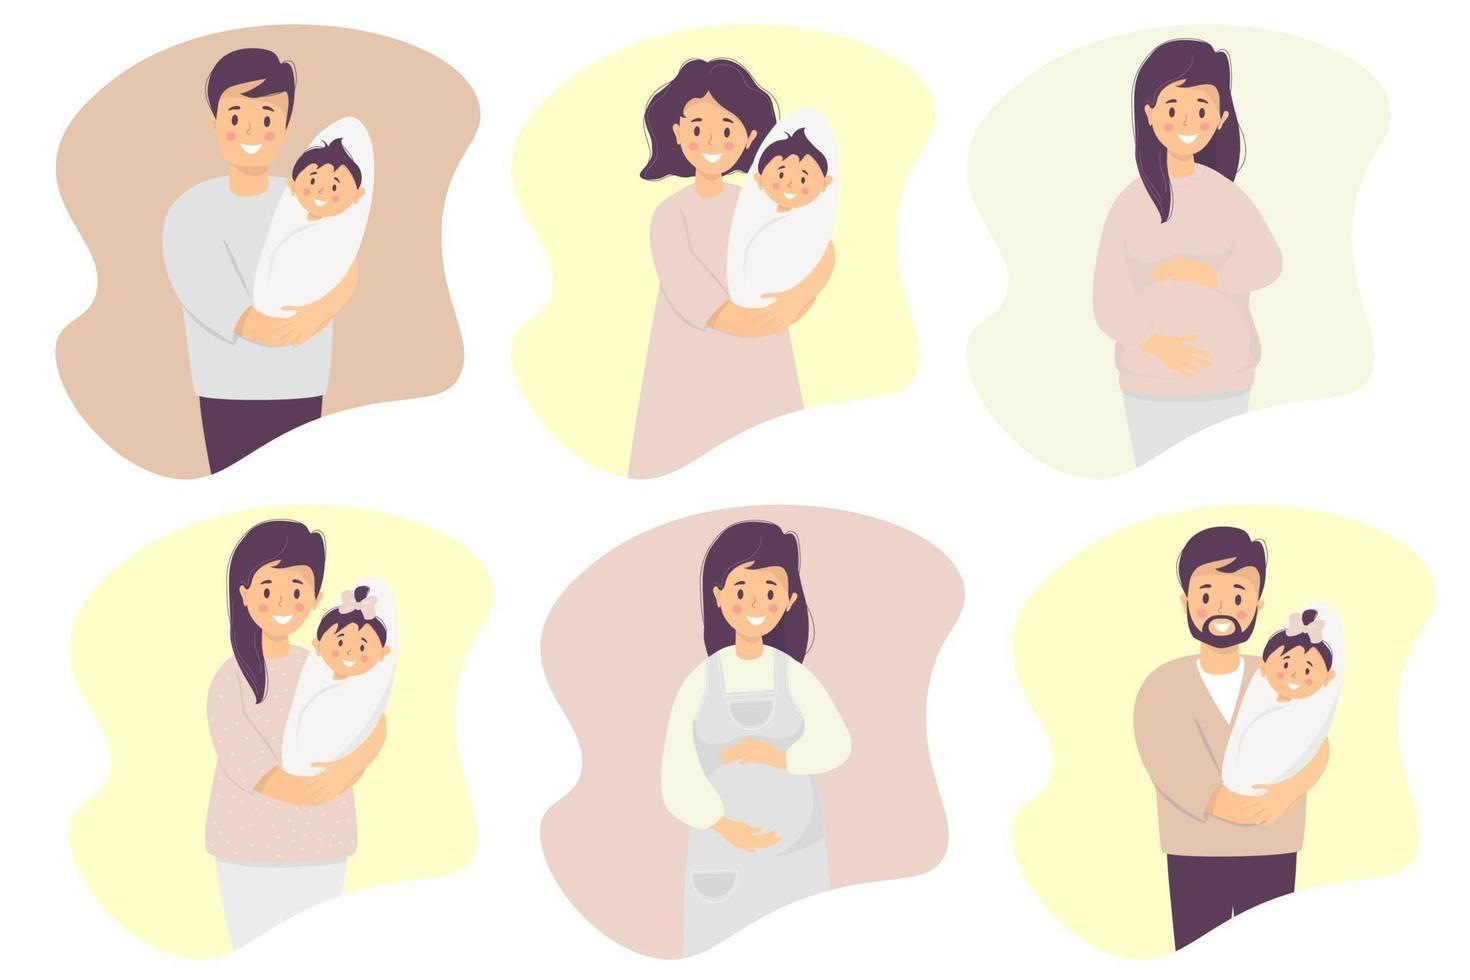 conjunto de vetores plana de família feliz. felizes e sorridentes, uma mulher grávida, pai e mãe com um bebê recém-nascido nos braços - um filho e uma filha. vetor. isolado. ilustração plana